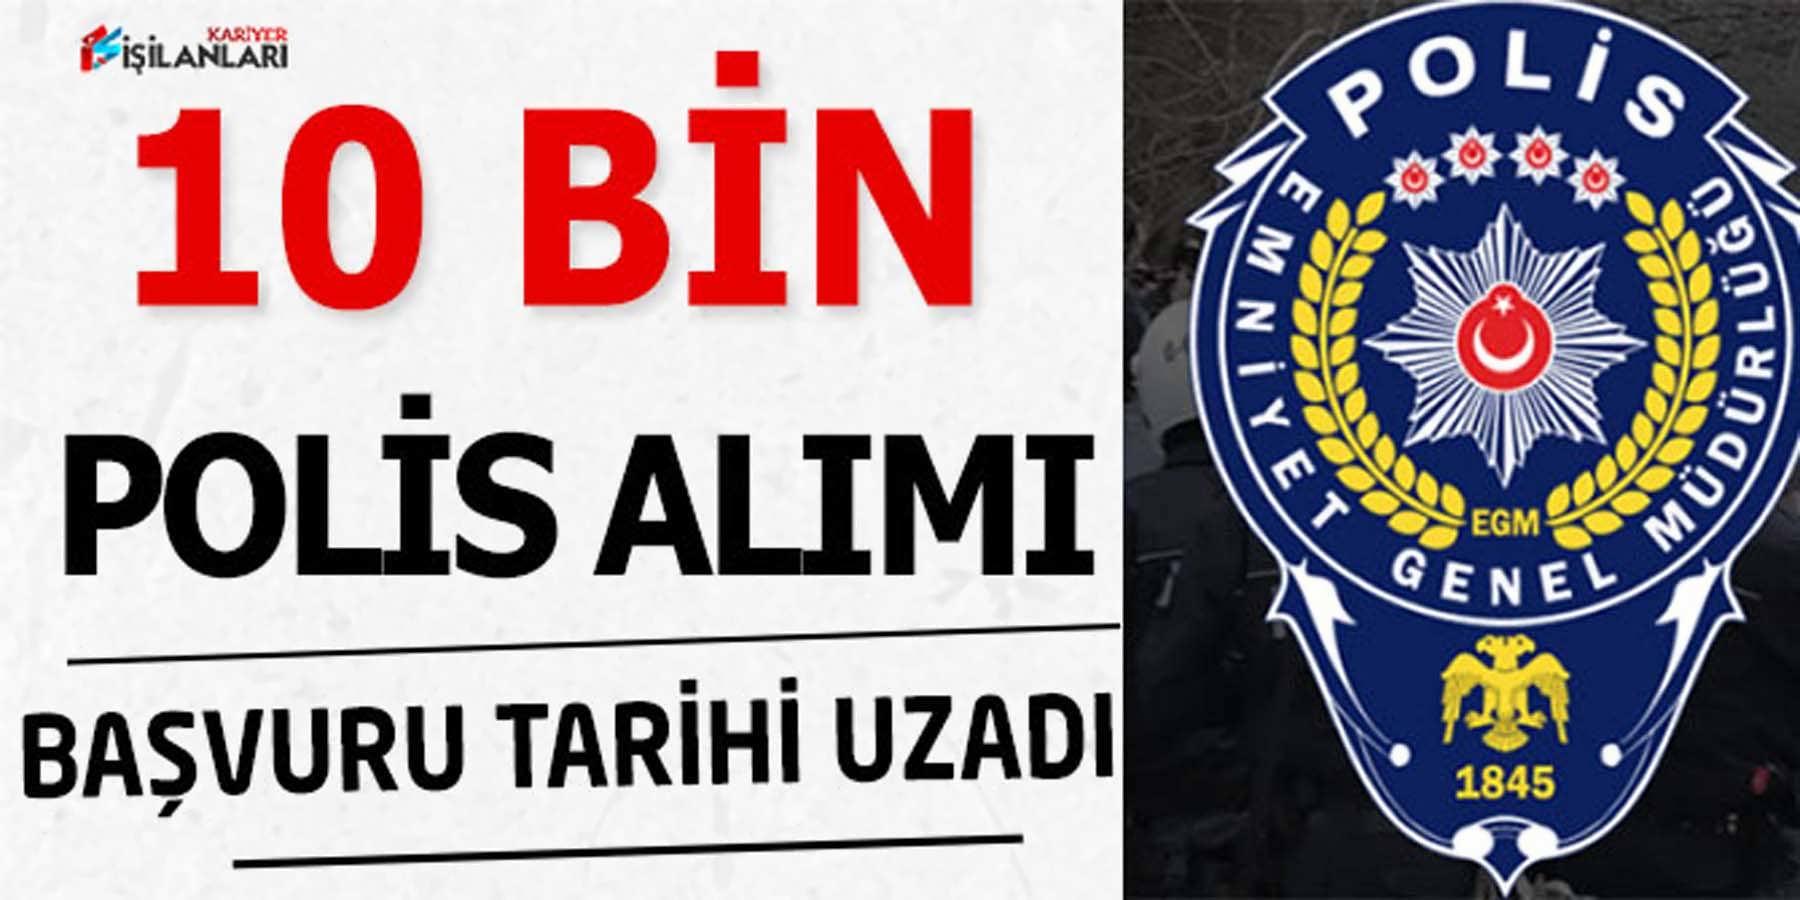 10 Bin Polis Alımı Başvuru Süresi Uzadı